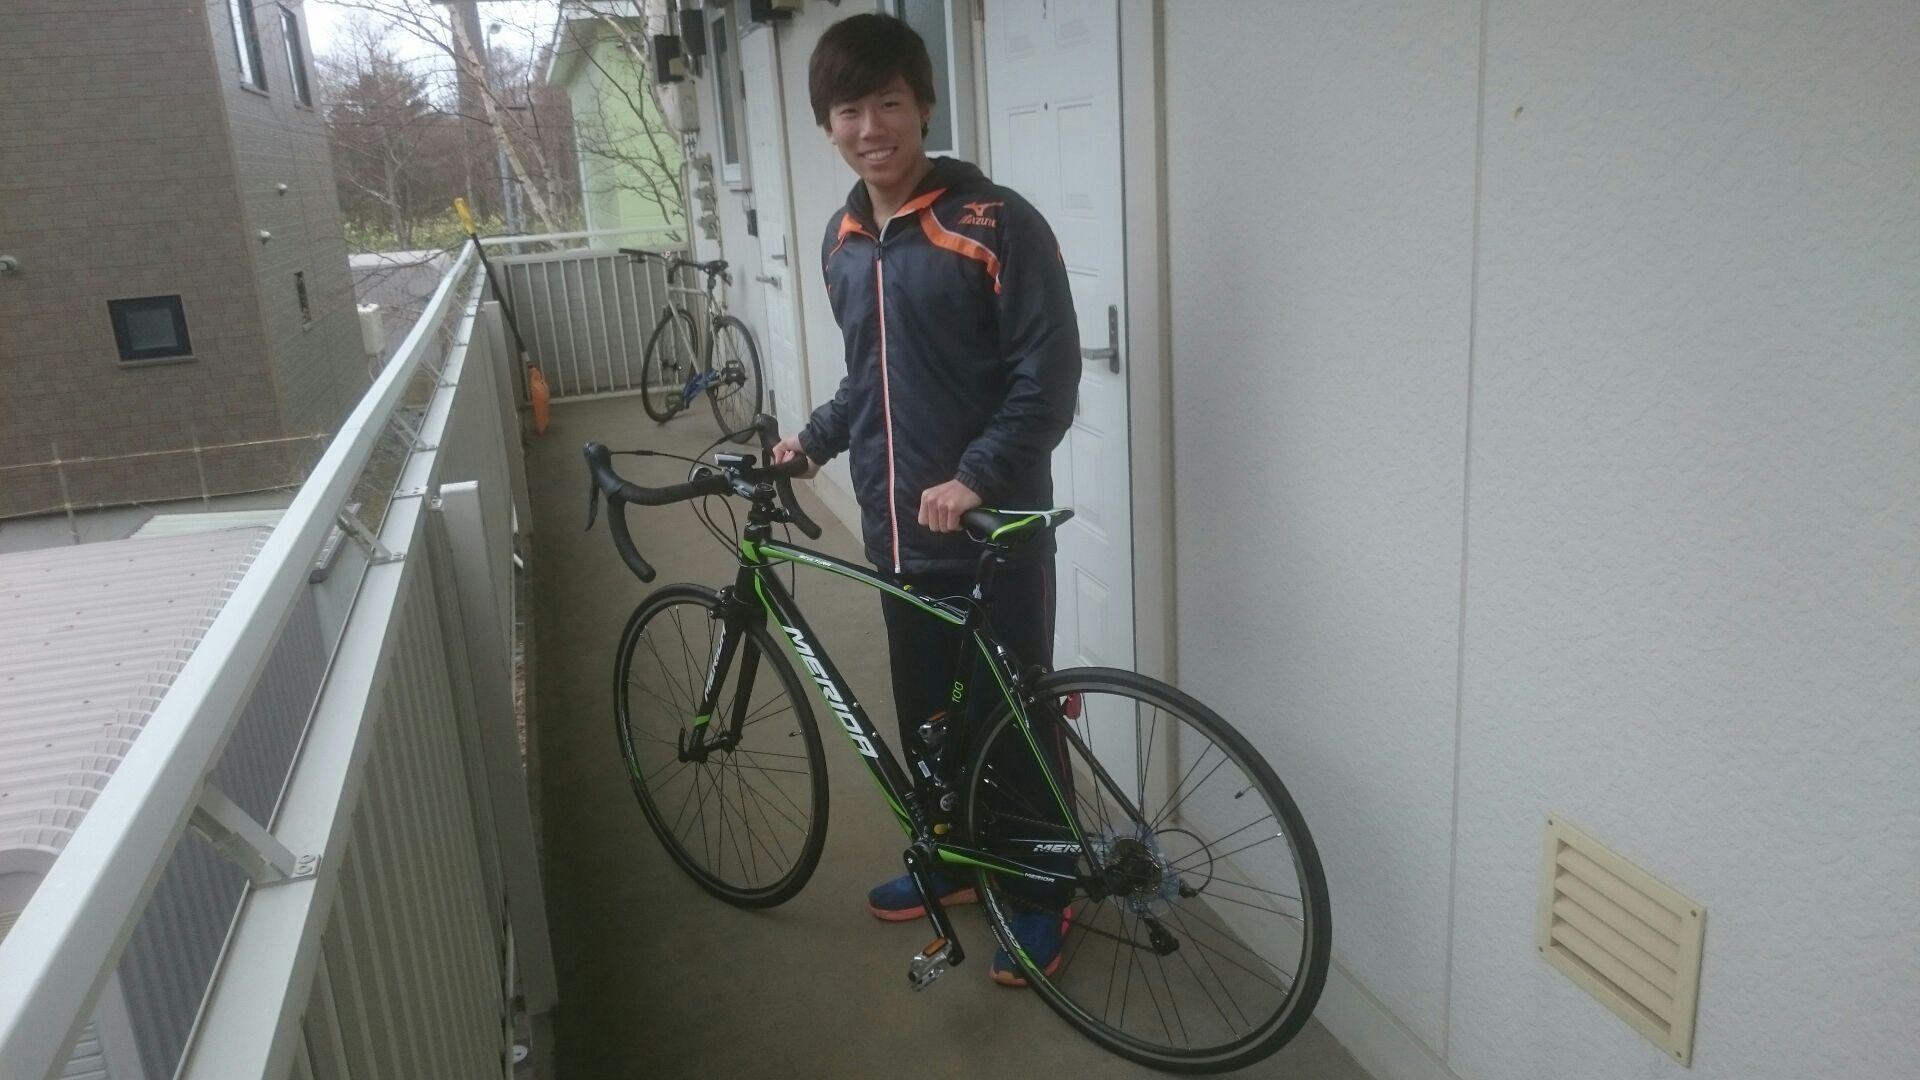 ロードバイクもmerida メリダが選びやすいですね 江別の自転車 暖房器具 除雪機 灯油配送のなんぶ商会